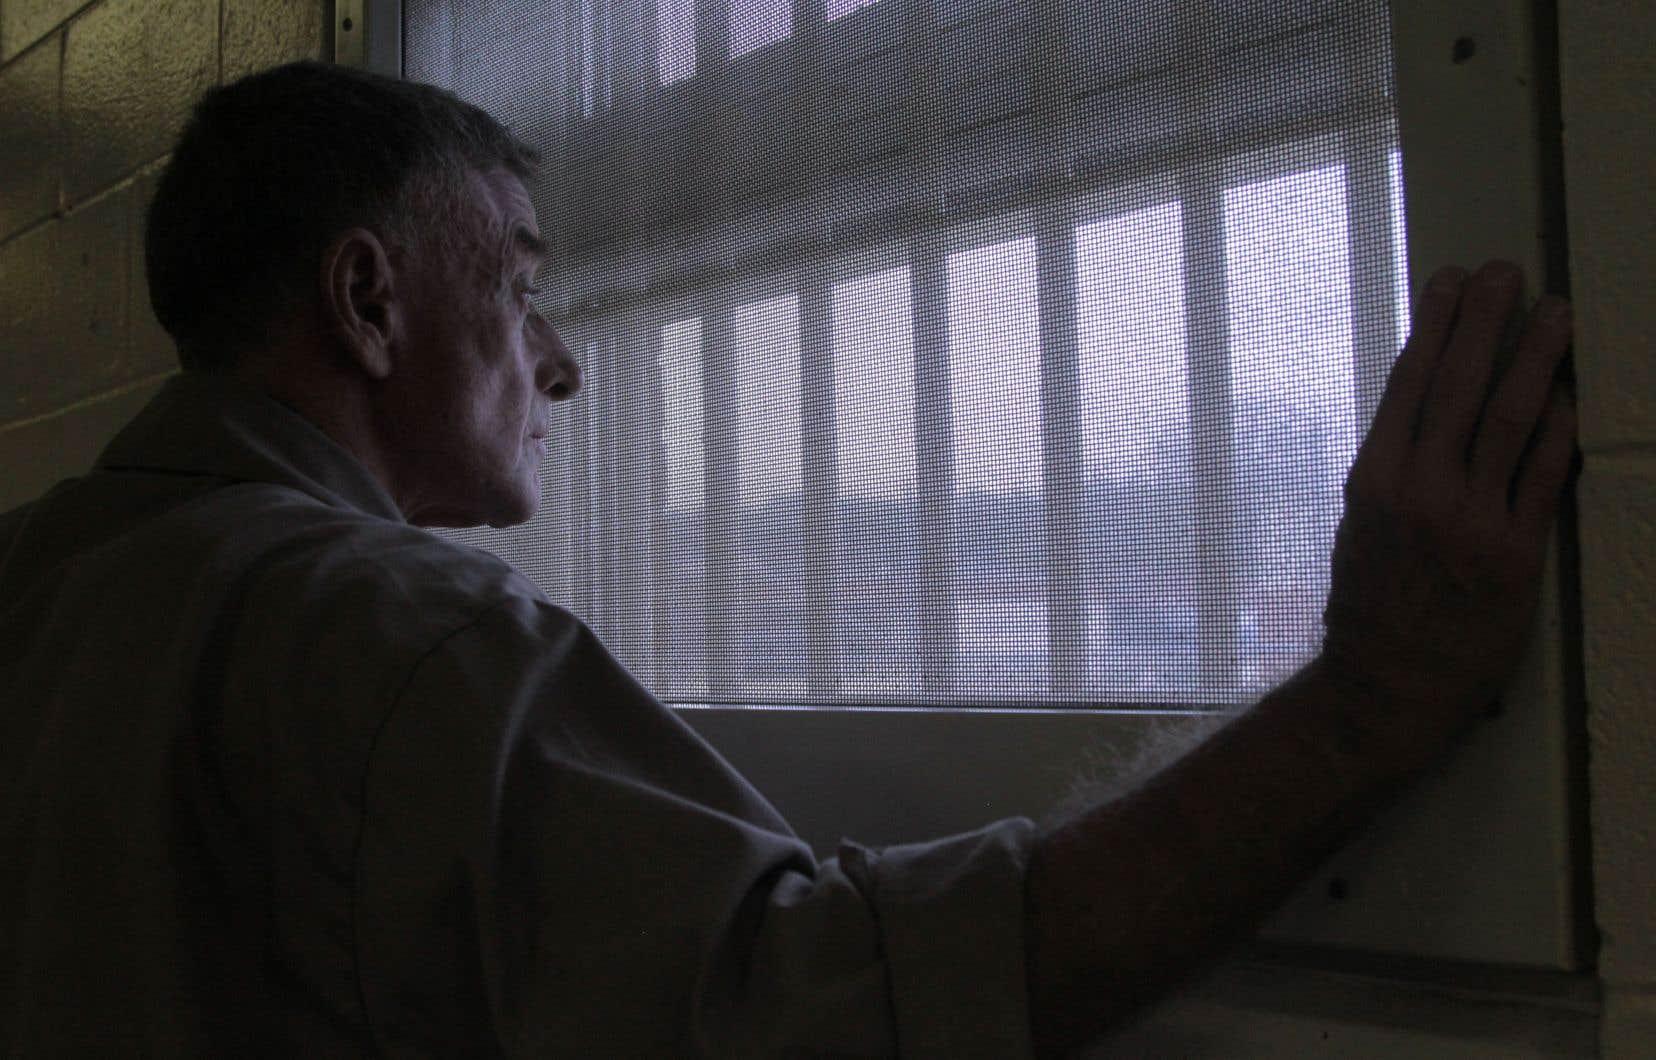 En 2018, la plateforme Netflix, forte du succès phénoménal de «Making a Murderer» (2015), offre à ses abonnés une version mastérisée des épisodes originaux de «Soupçons» agrémentée d'un prologue de trois nouveaux épisodes.